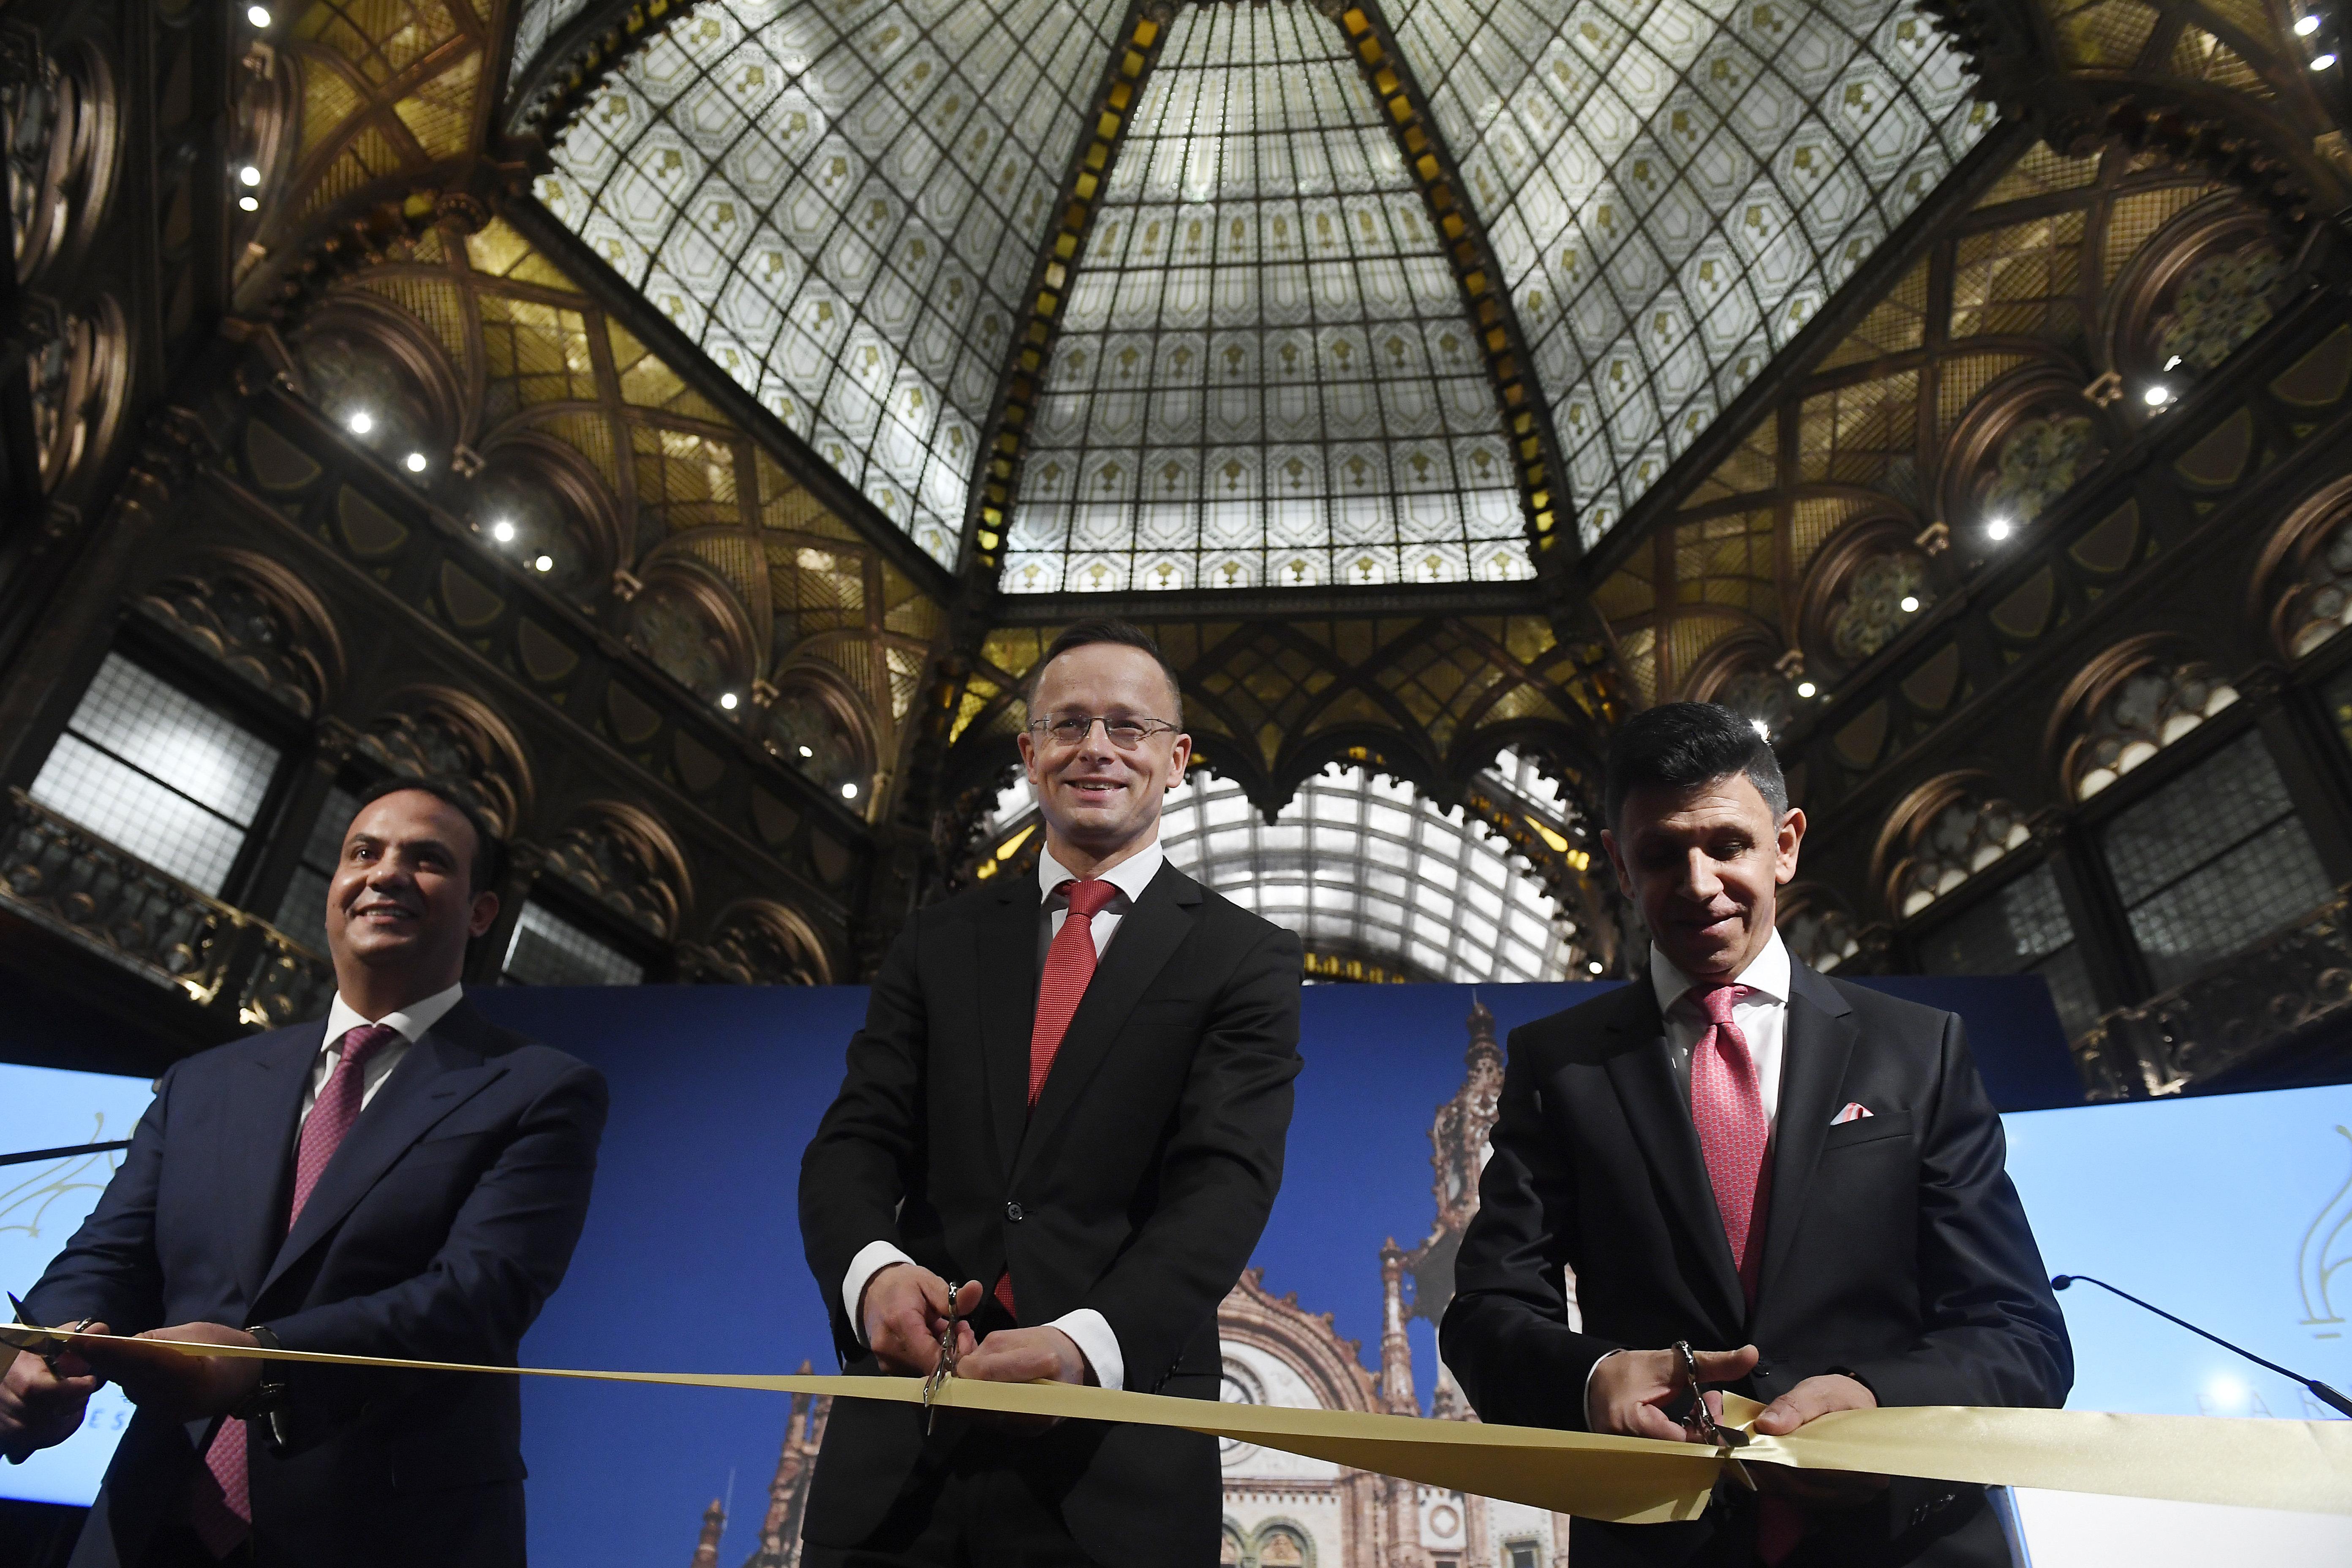 Micsoda barátság: Szijjártó külügyminiszter nyitotta meg a luxusszállóvá alakított Párisi udvart